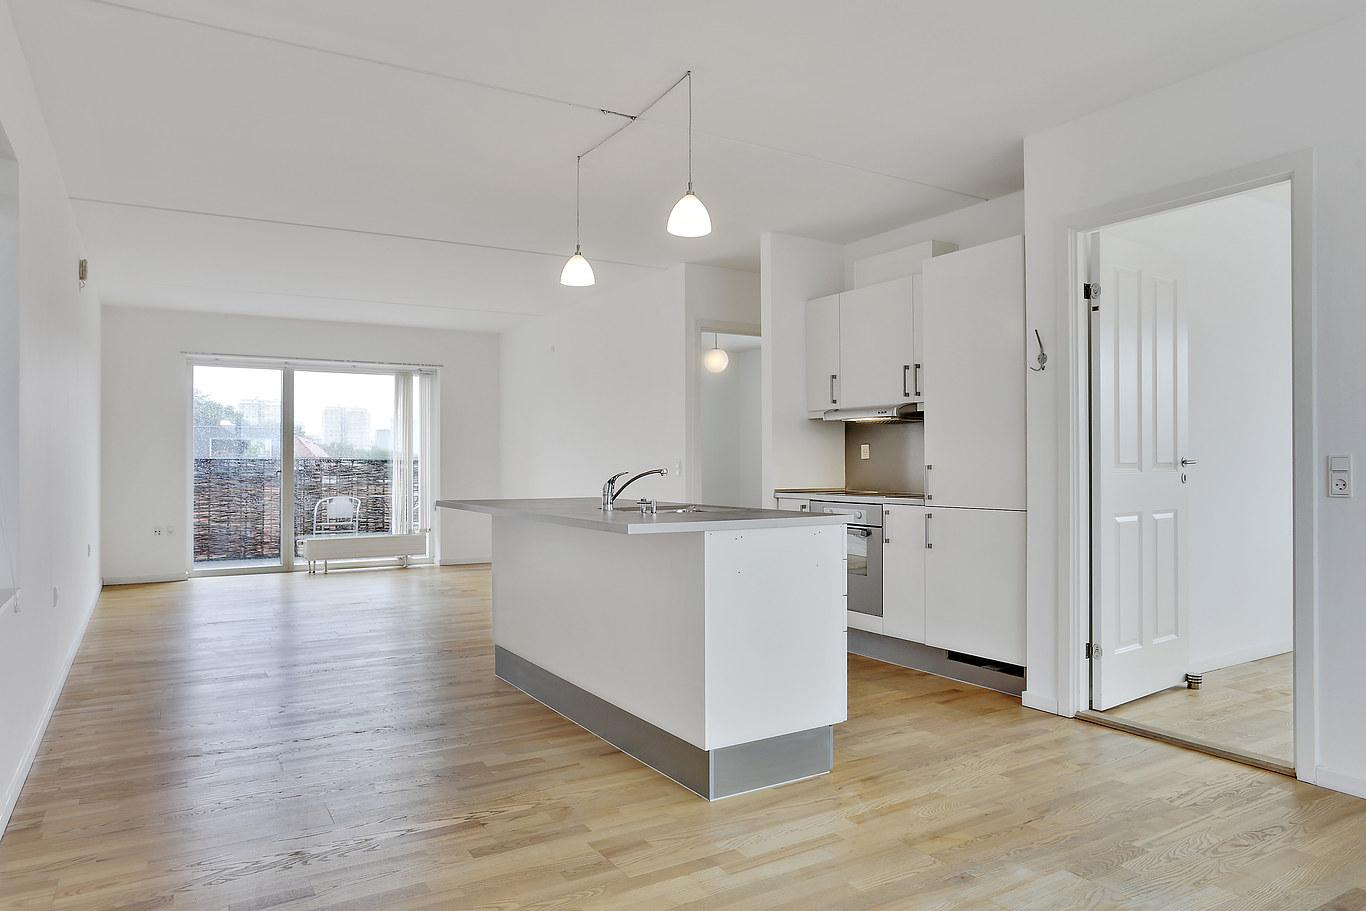 Frederikssundsvej 133, 3. 8 i 2700 Brønshøj til salg hos LokalBolig.dk